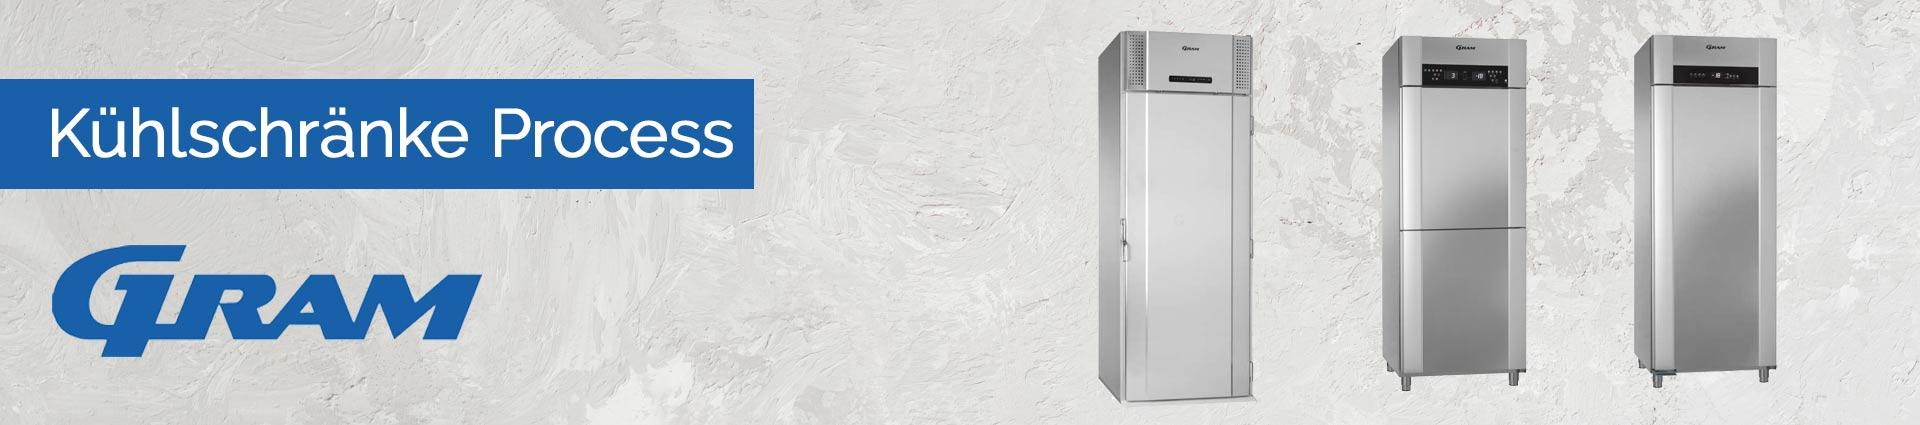 GRAM Kühlschränke Process Banner